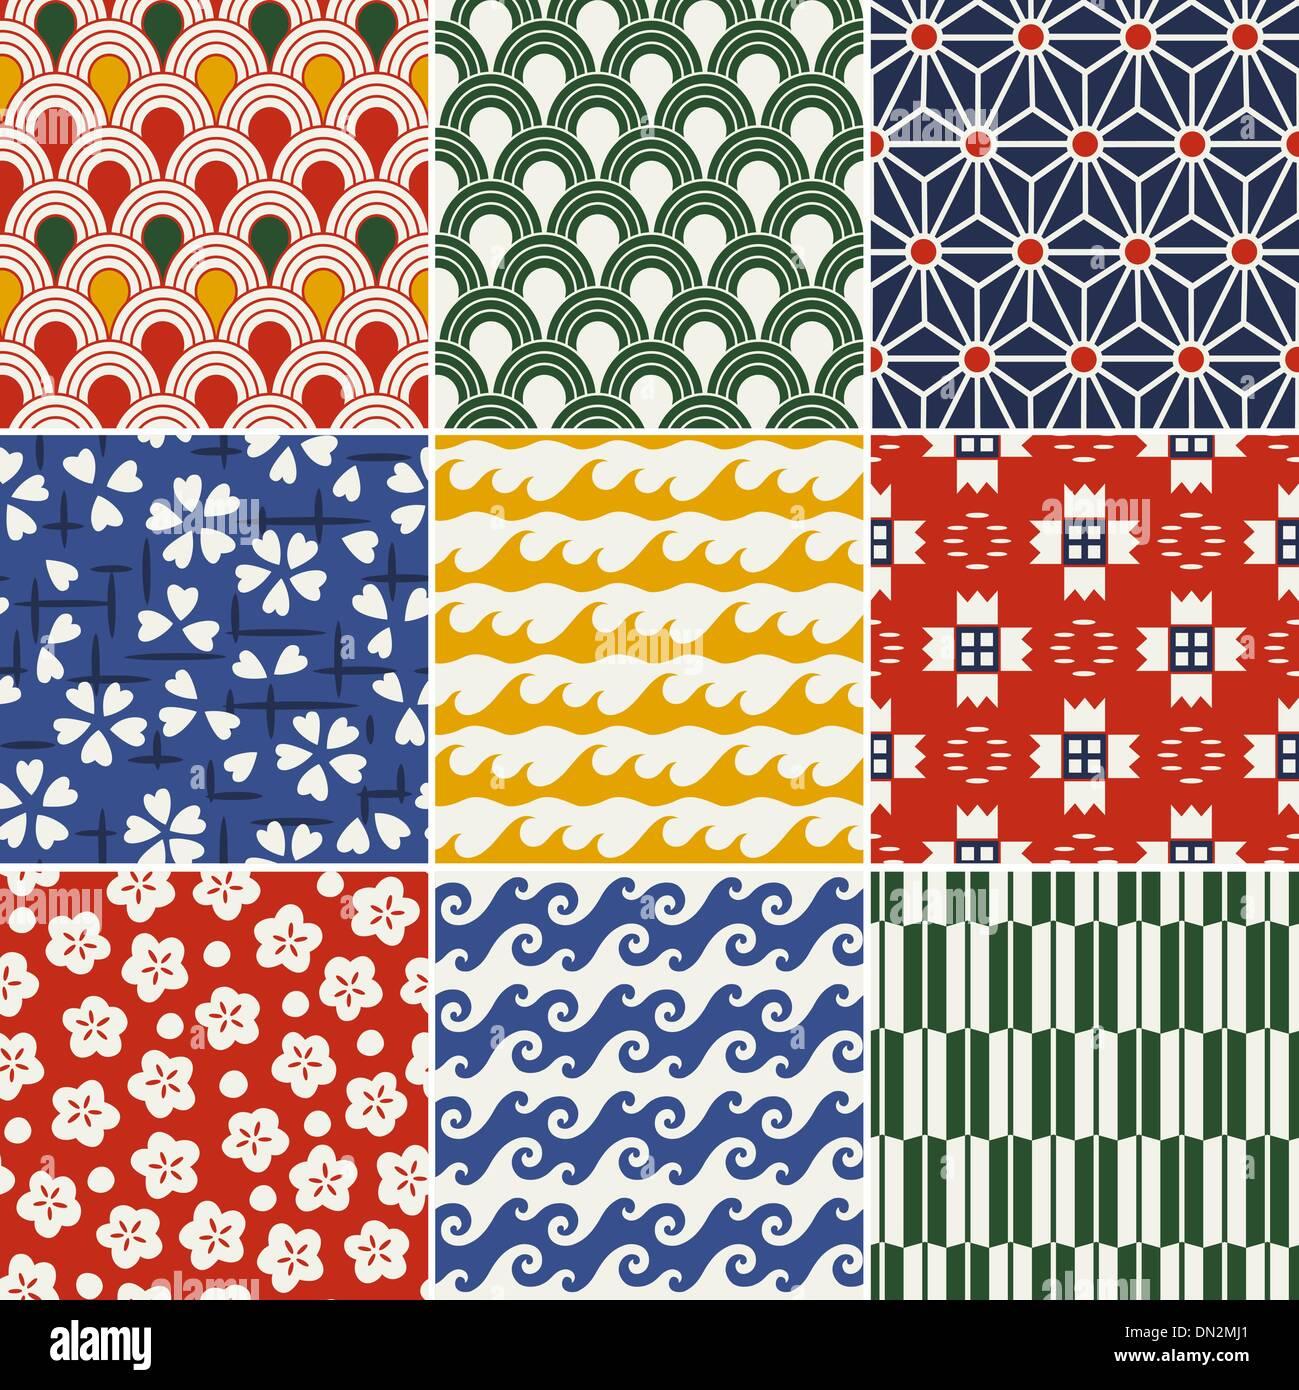 Kimono Wallpaper Stock Photos & Kimono Wallpaper Stock Images - Alamy